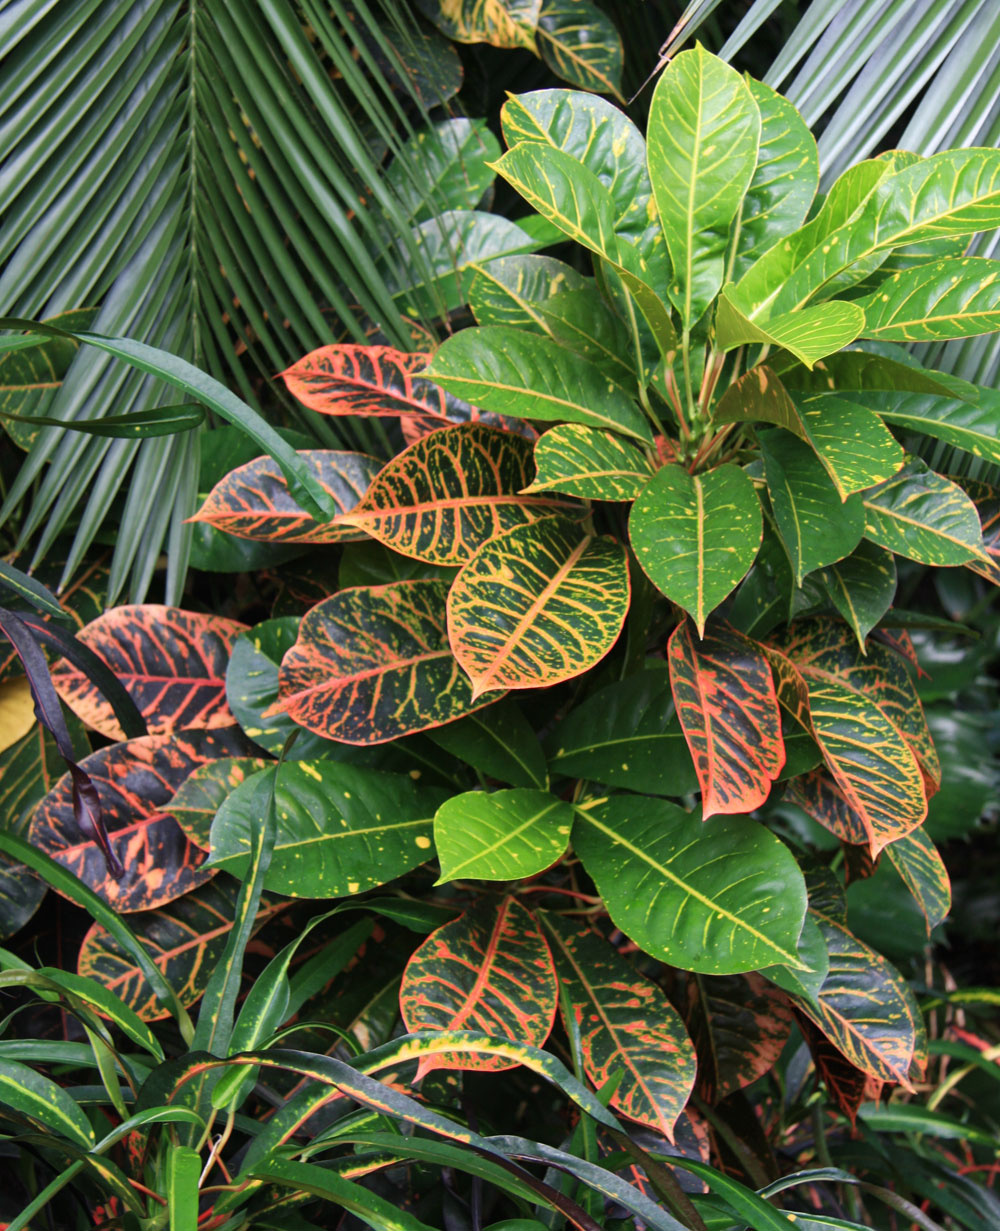 Pri pestovaní izbových rastlín sokrasnými listami nezabudnite, že potrebujú dostatok svetla. Vďaka občasnému jarnému rezu budú bohatšie olistené. (Na obrázkukrotónovec – Codiaeum variegatum)